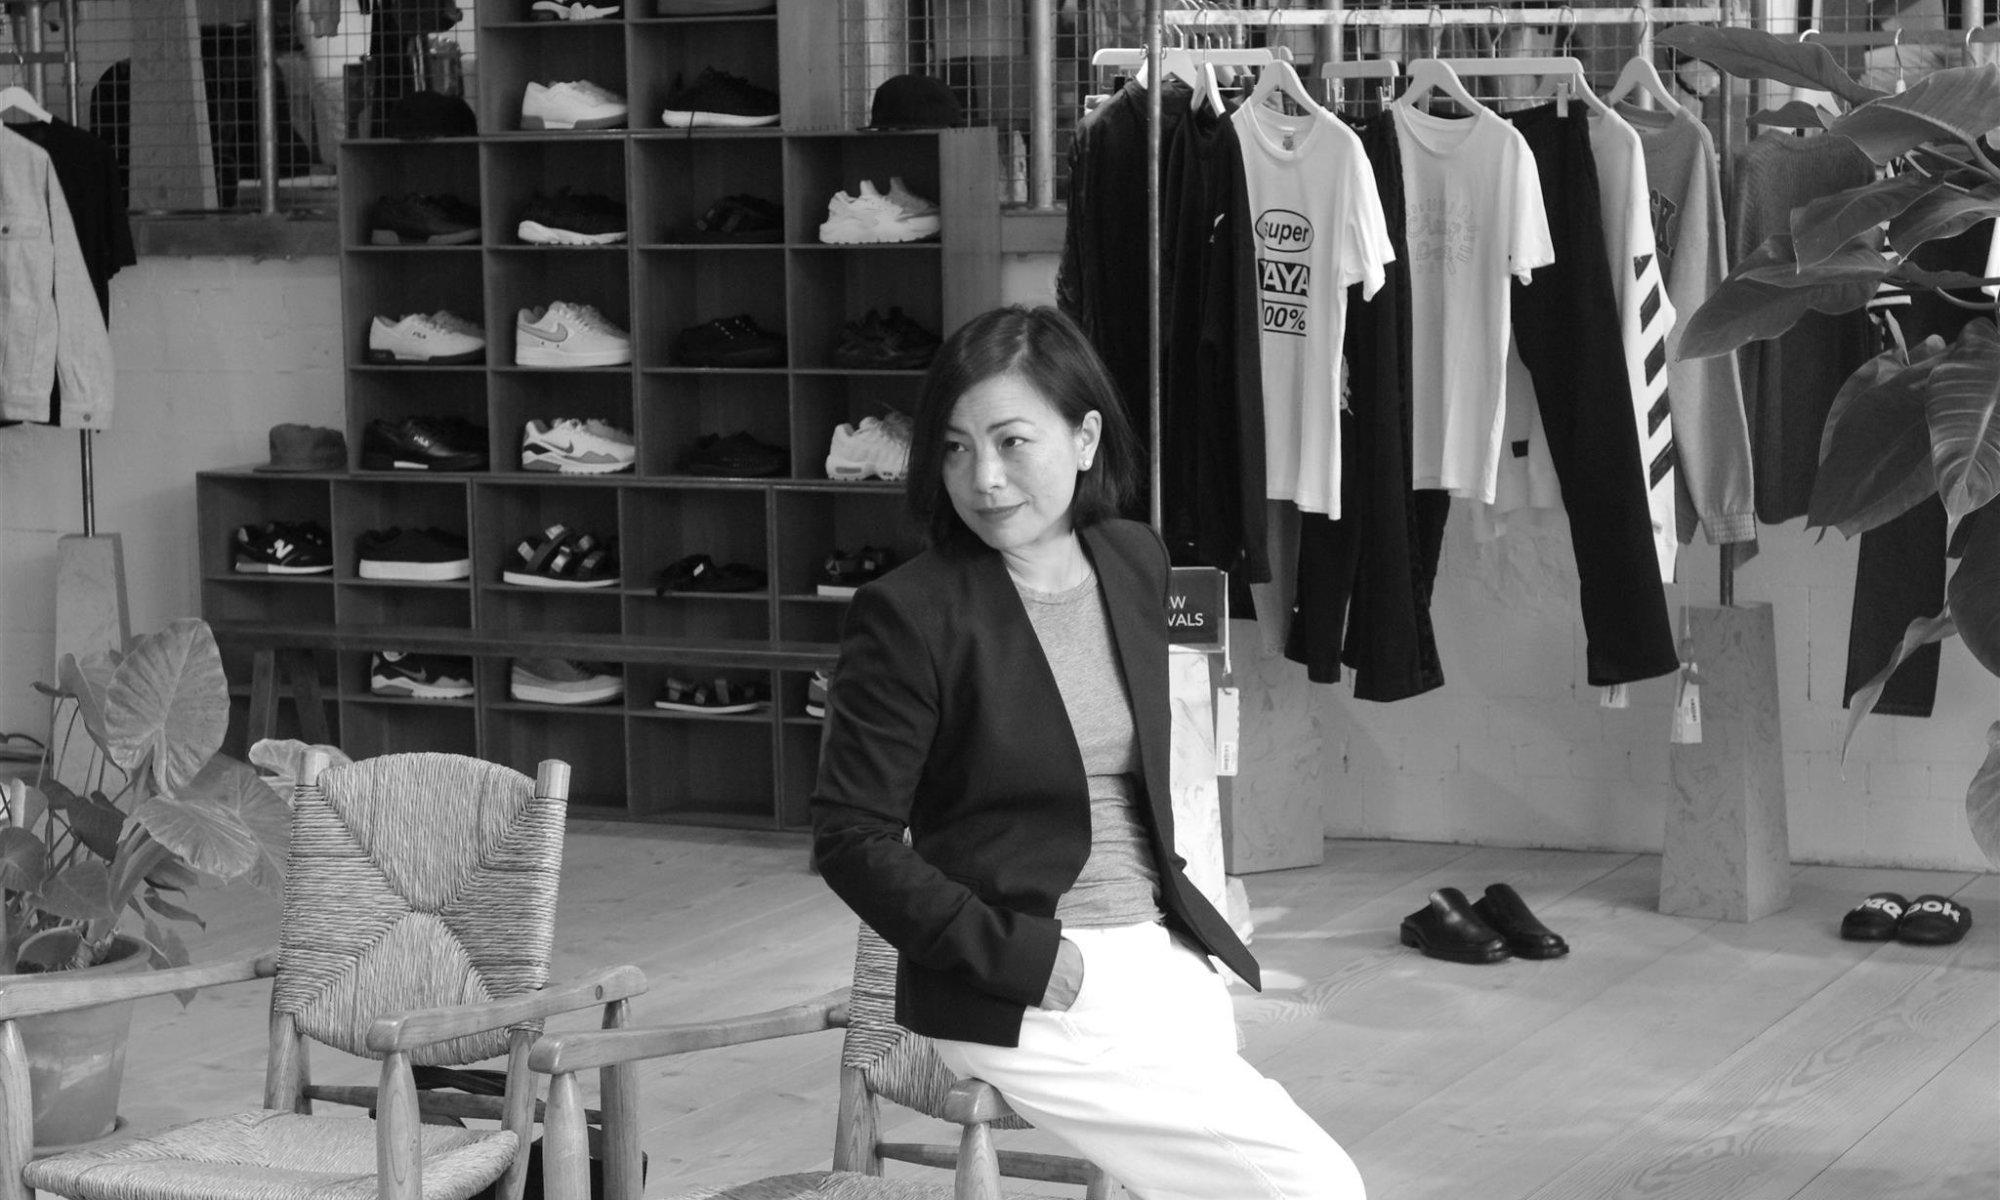 Joanne Jong gig economy